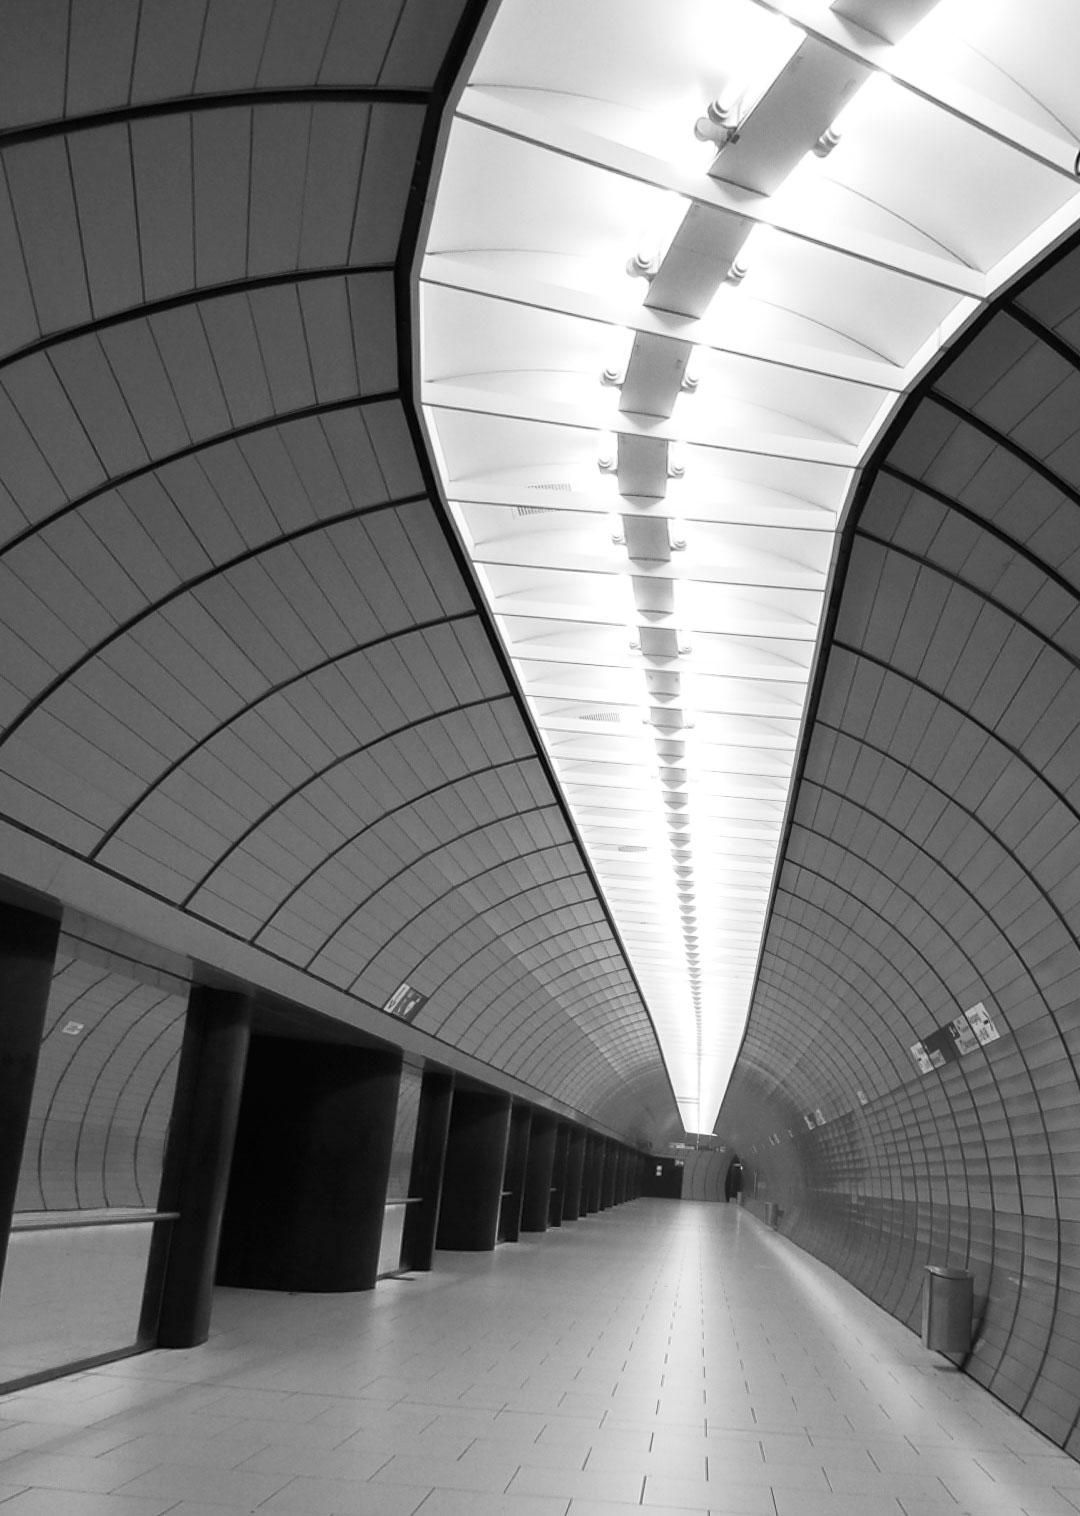 munich-subway-main-image